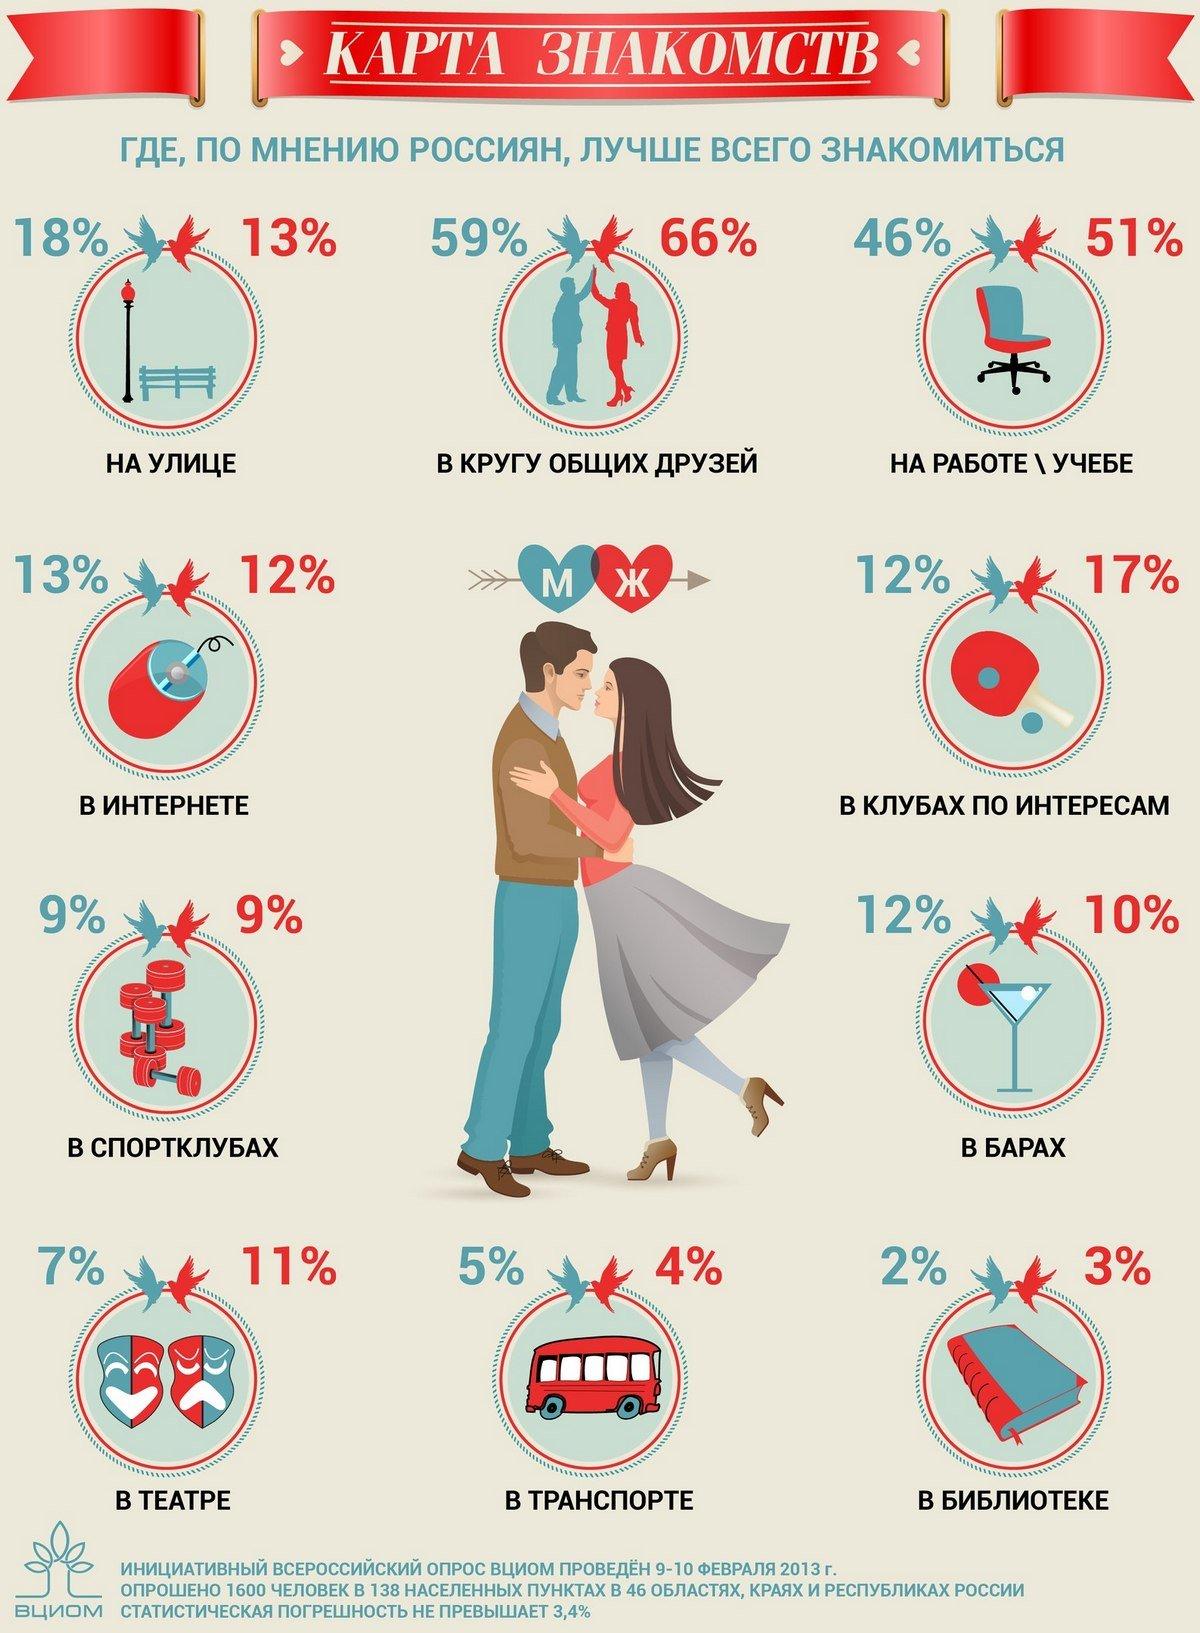 Статистика Знакомств По Интернету